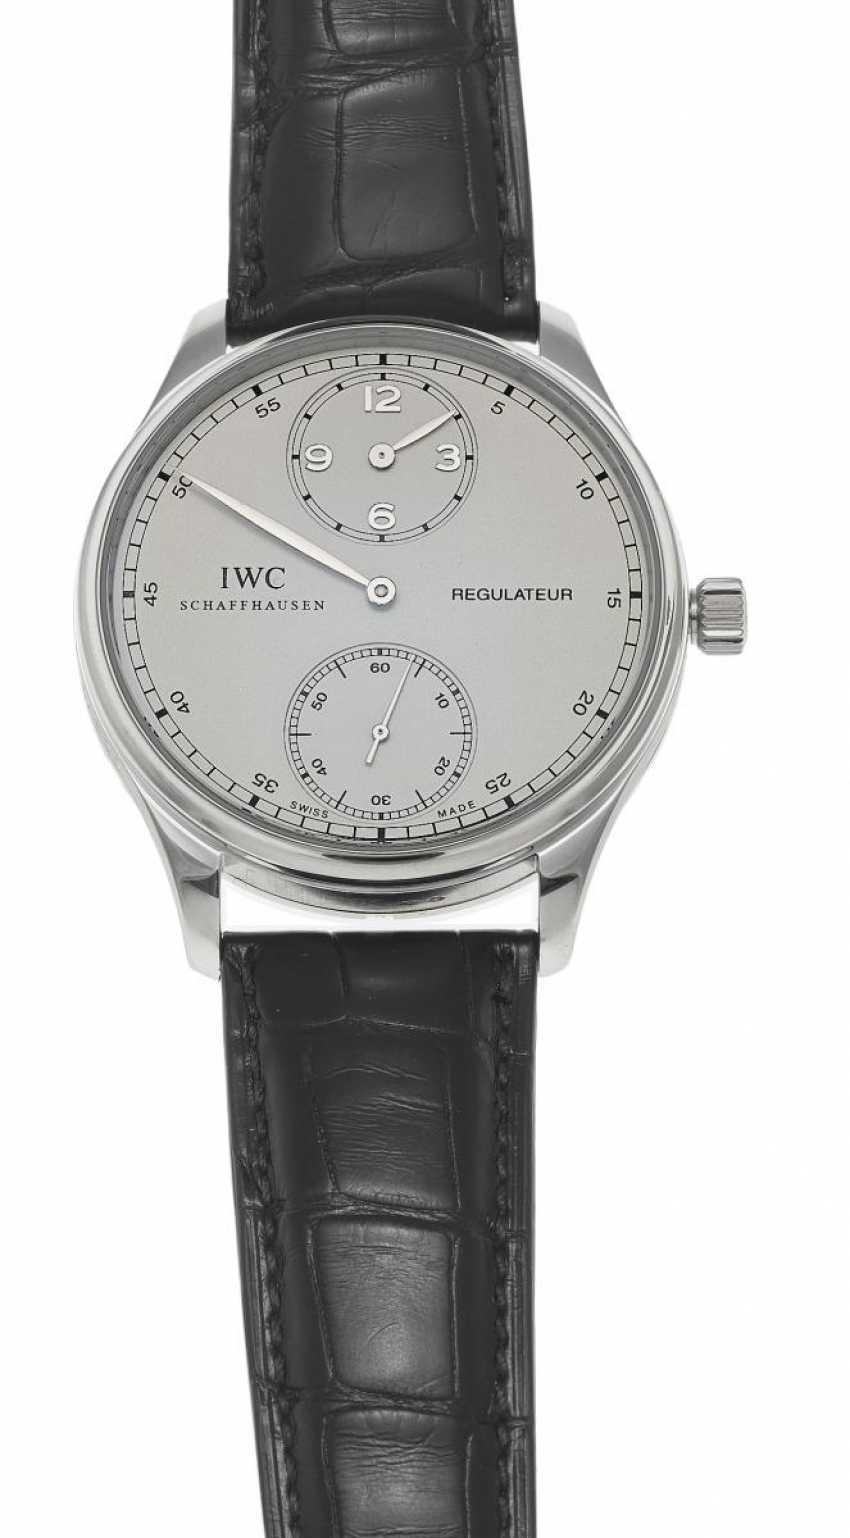 Wristwatch, IWC, Switzerland. - photo 1